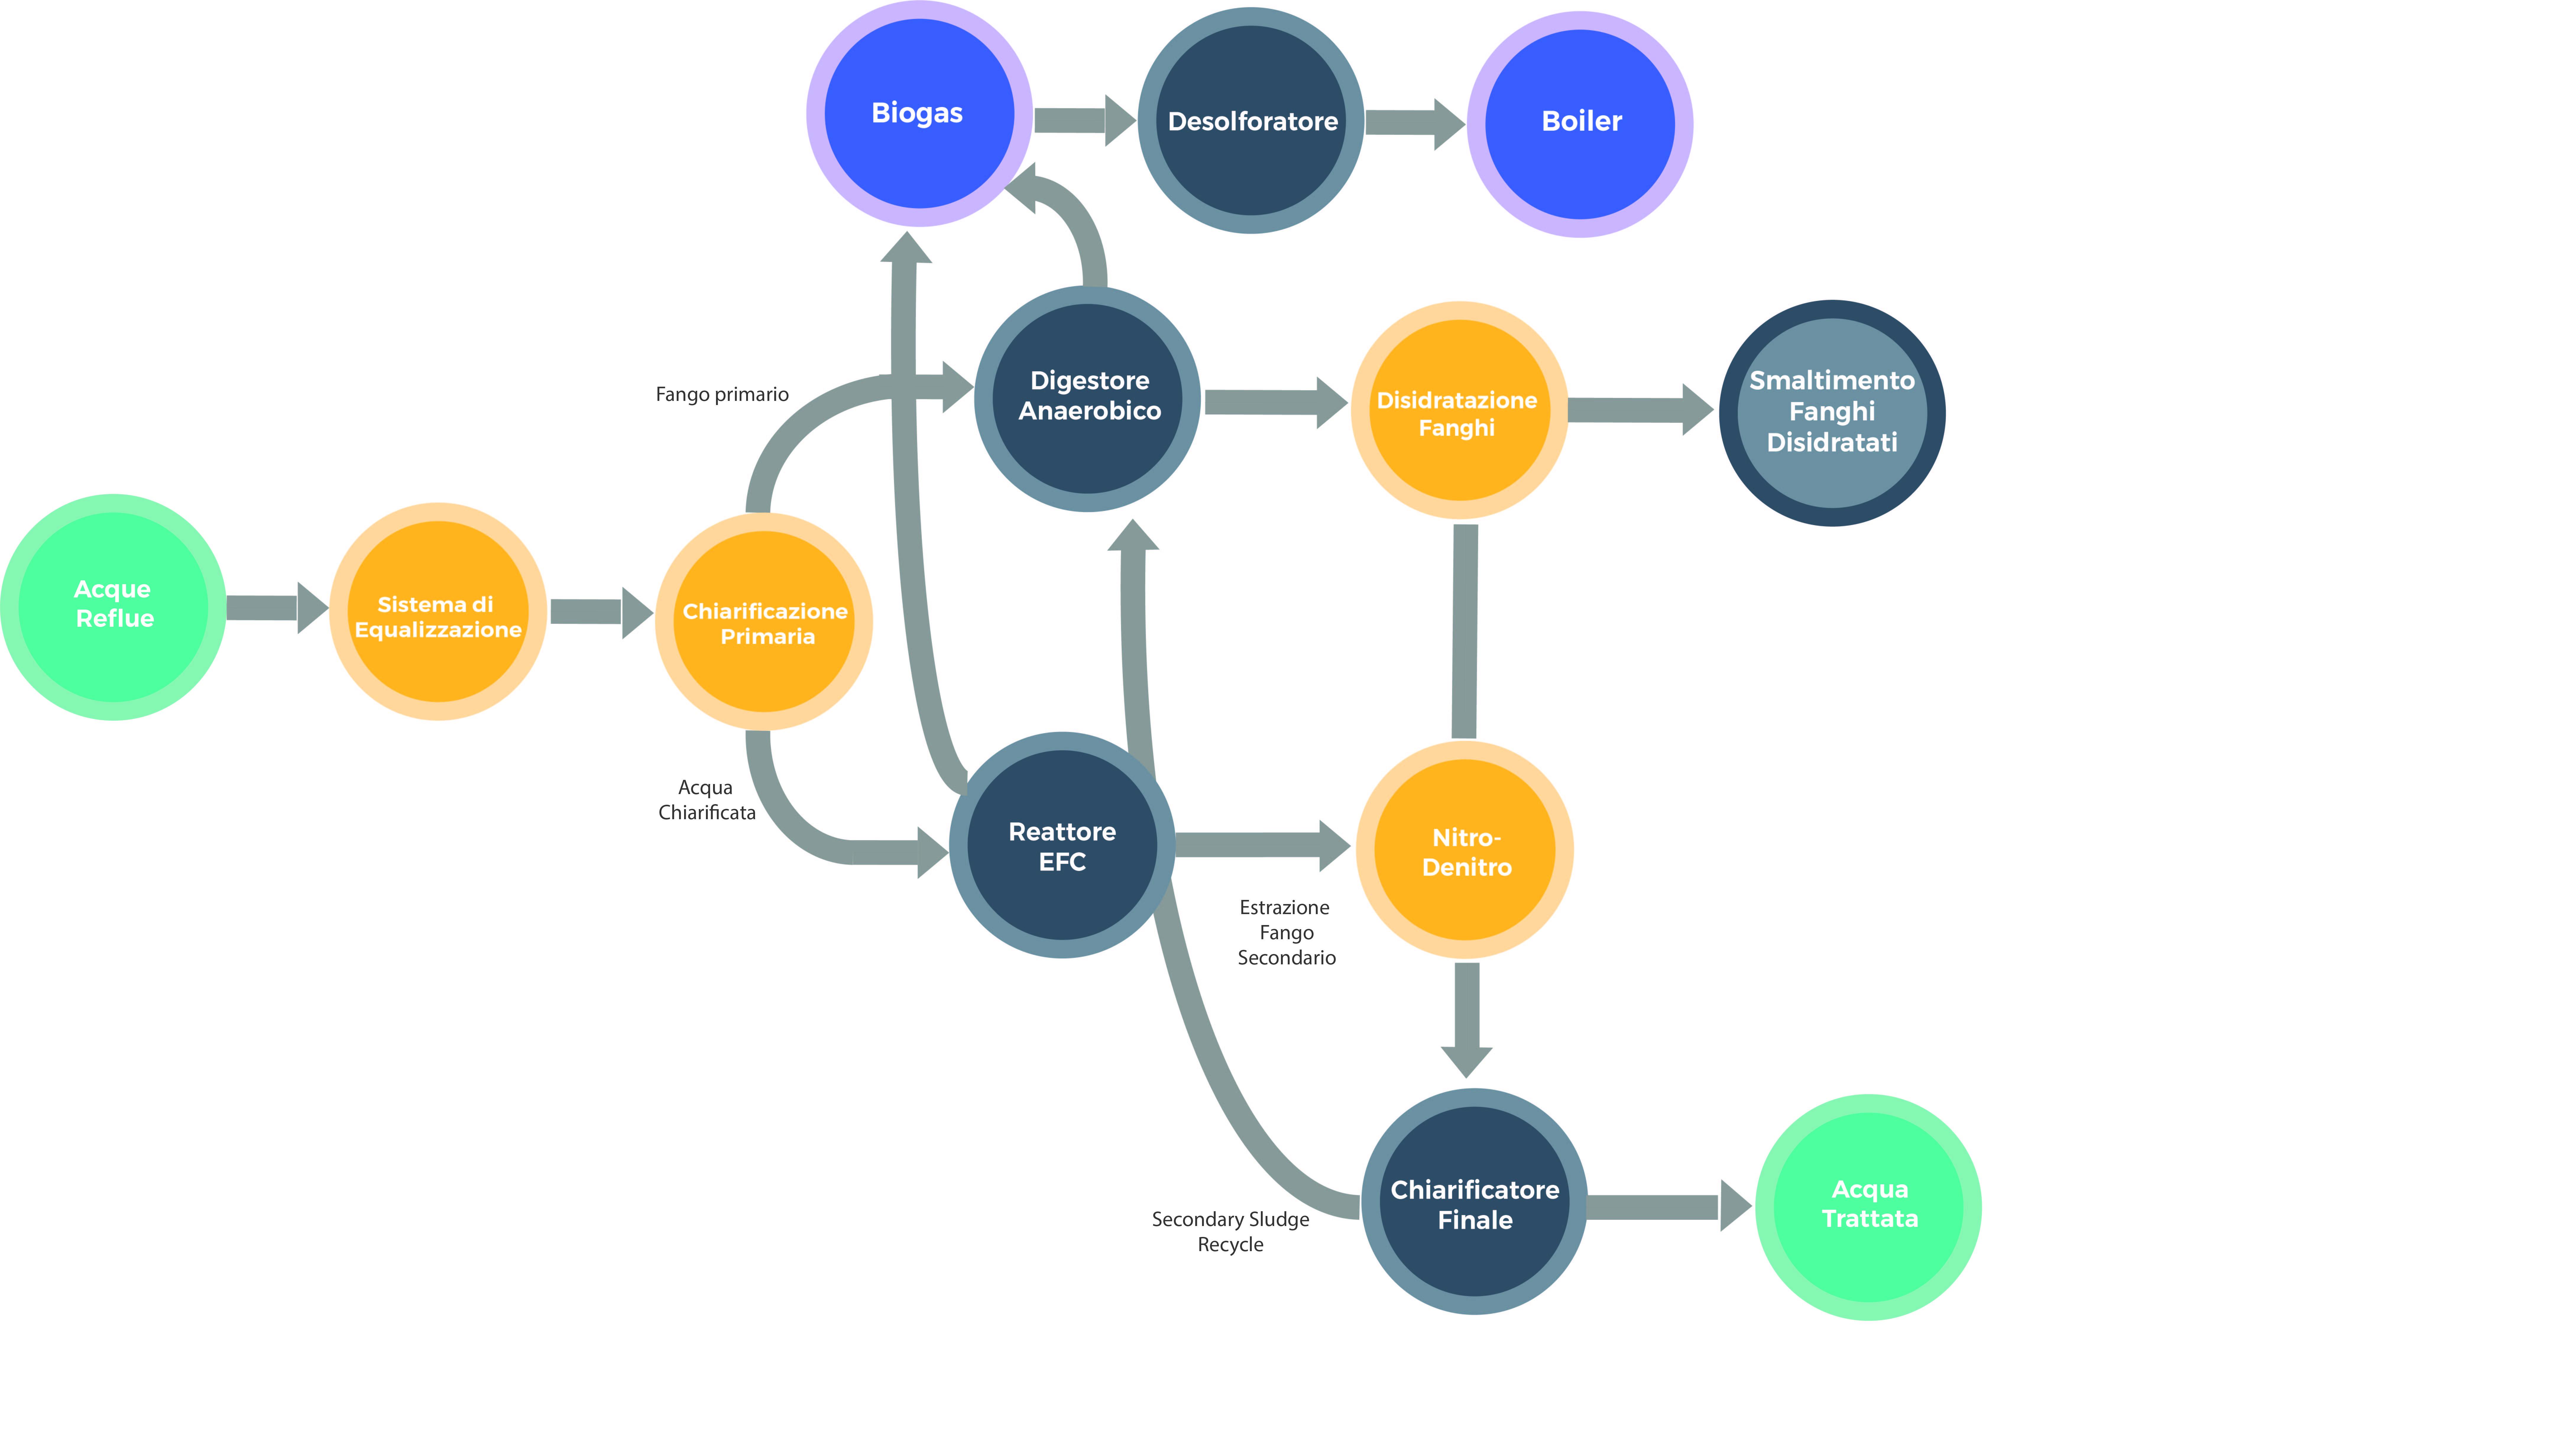 Processo di trattamento WtE per la produzione di birra